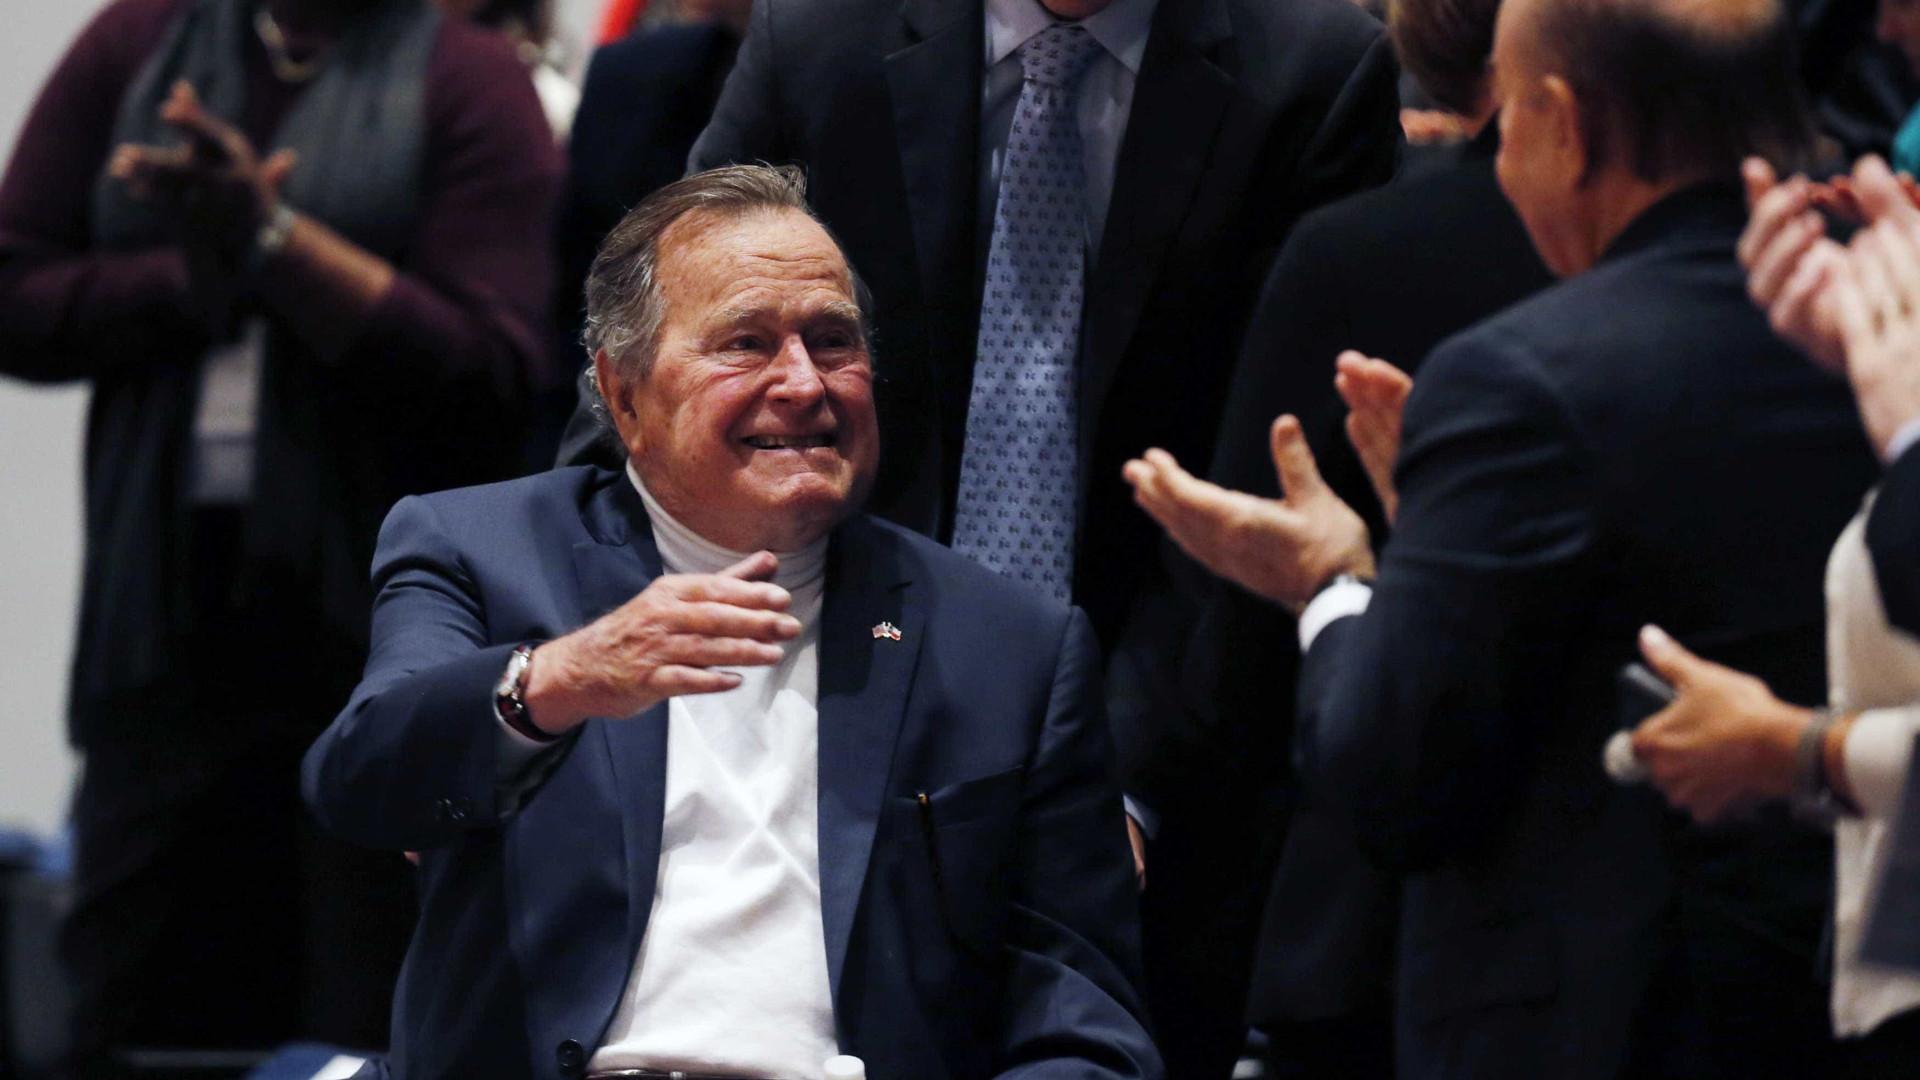 George H.W. Bush acusado de ter apalpado jovem de 16 anos em 2003